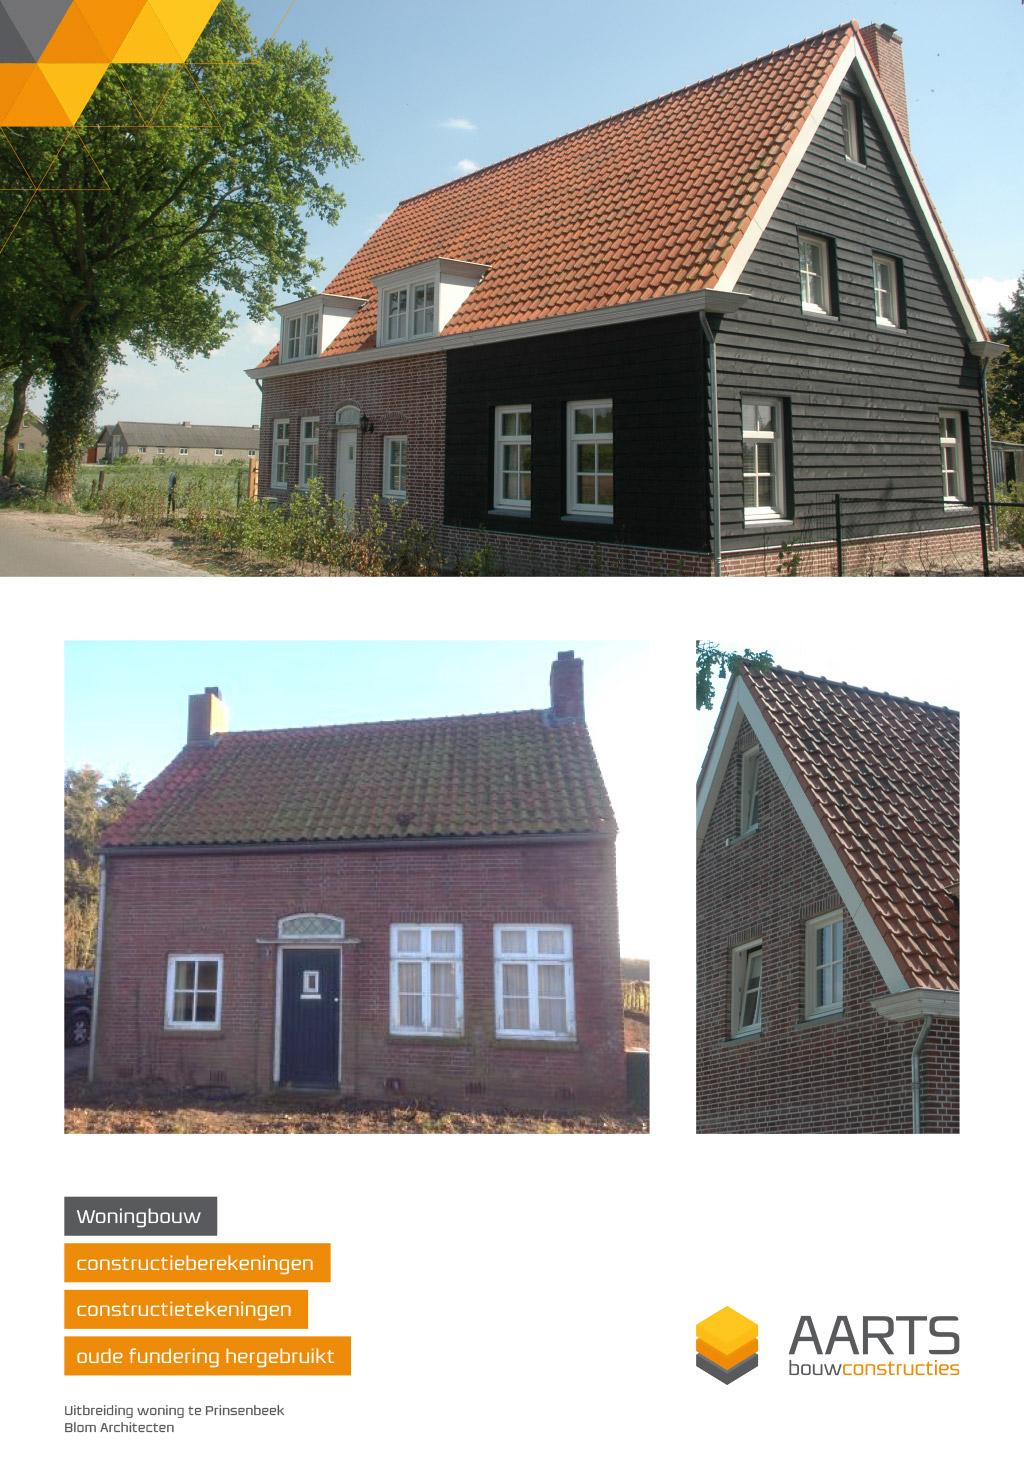 Uitbreiding woning te Prinsenbeek